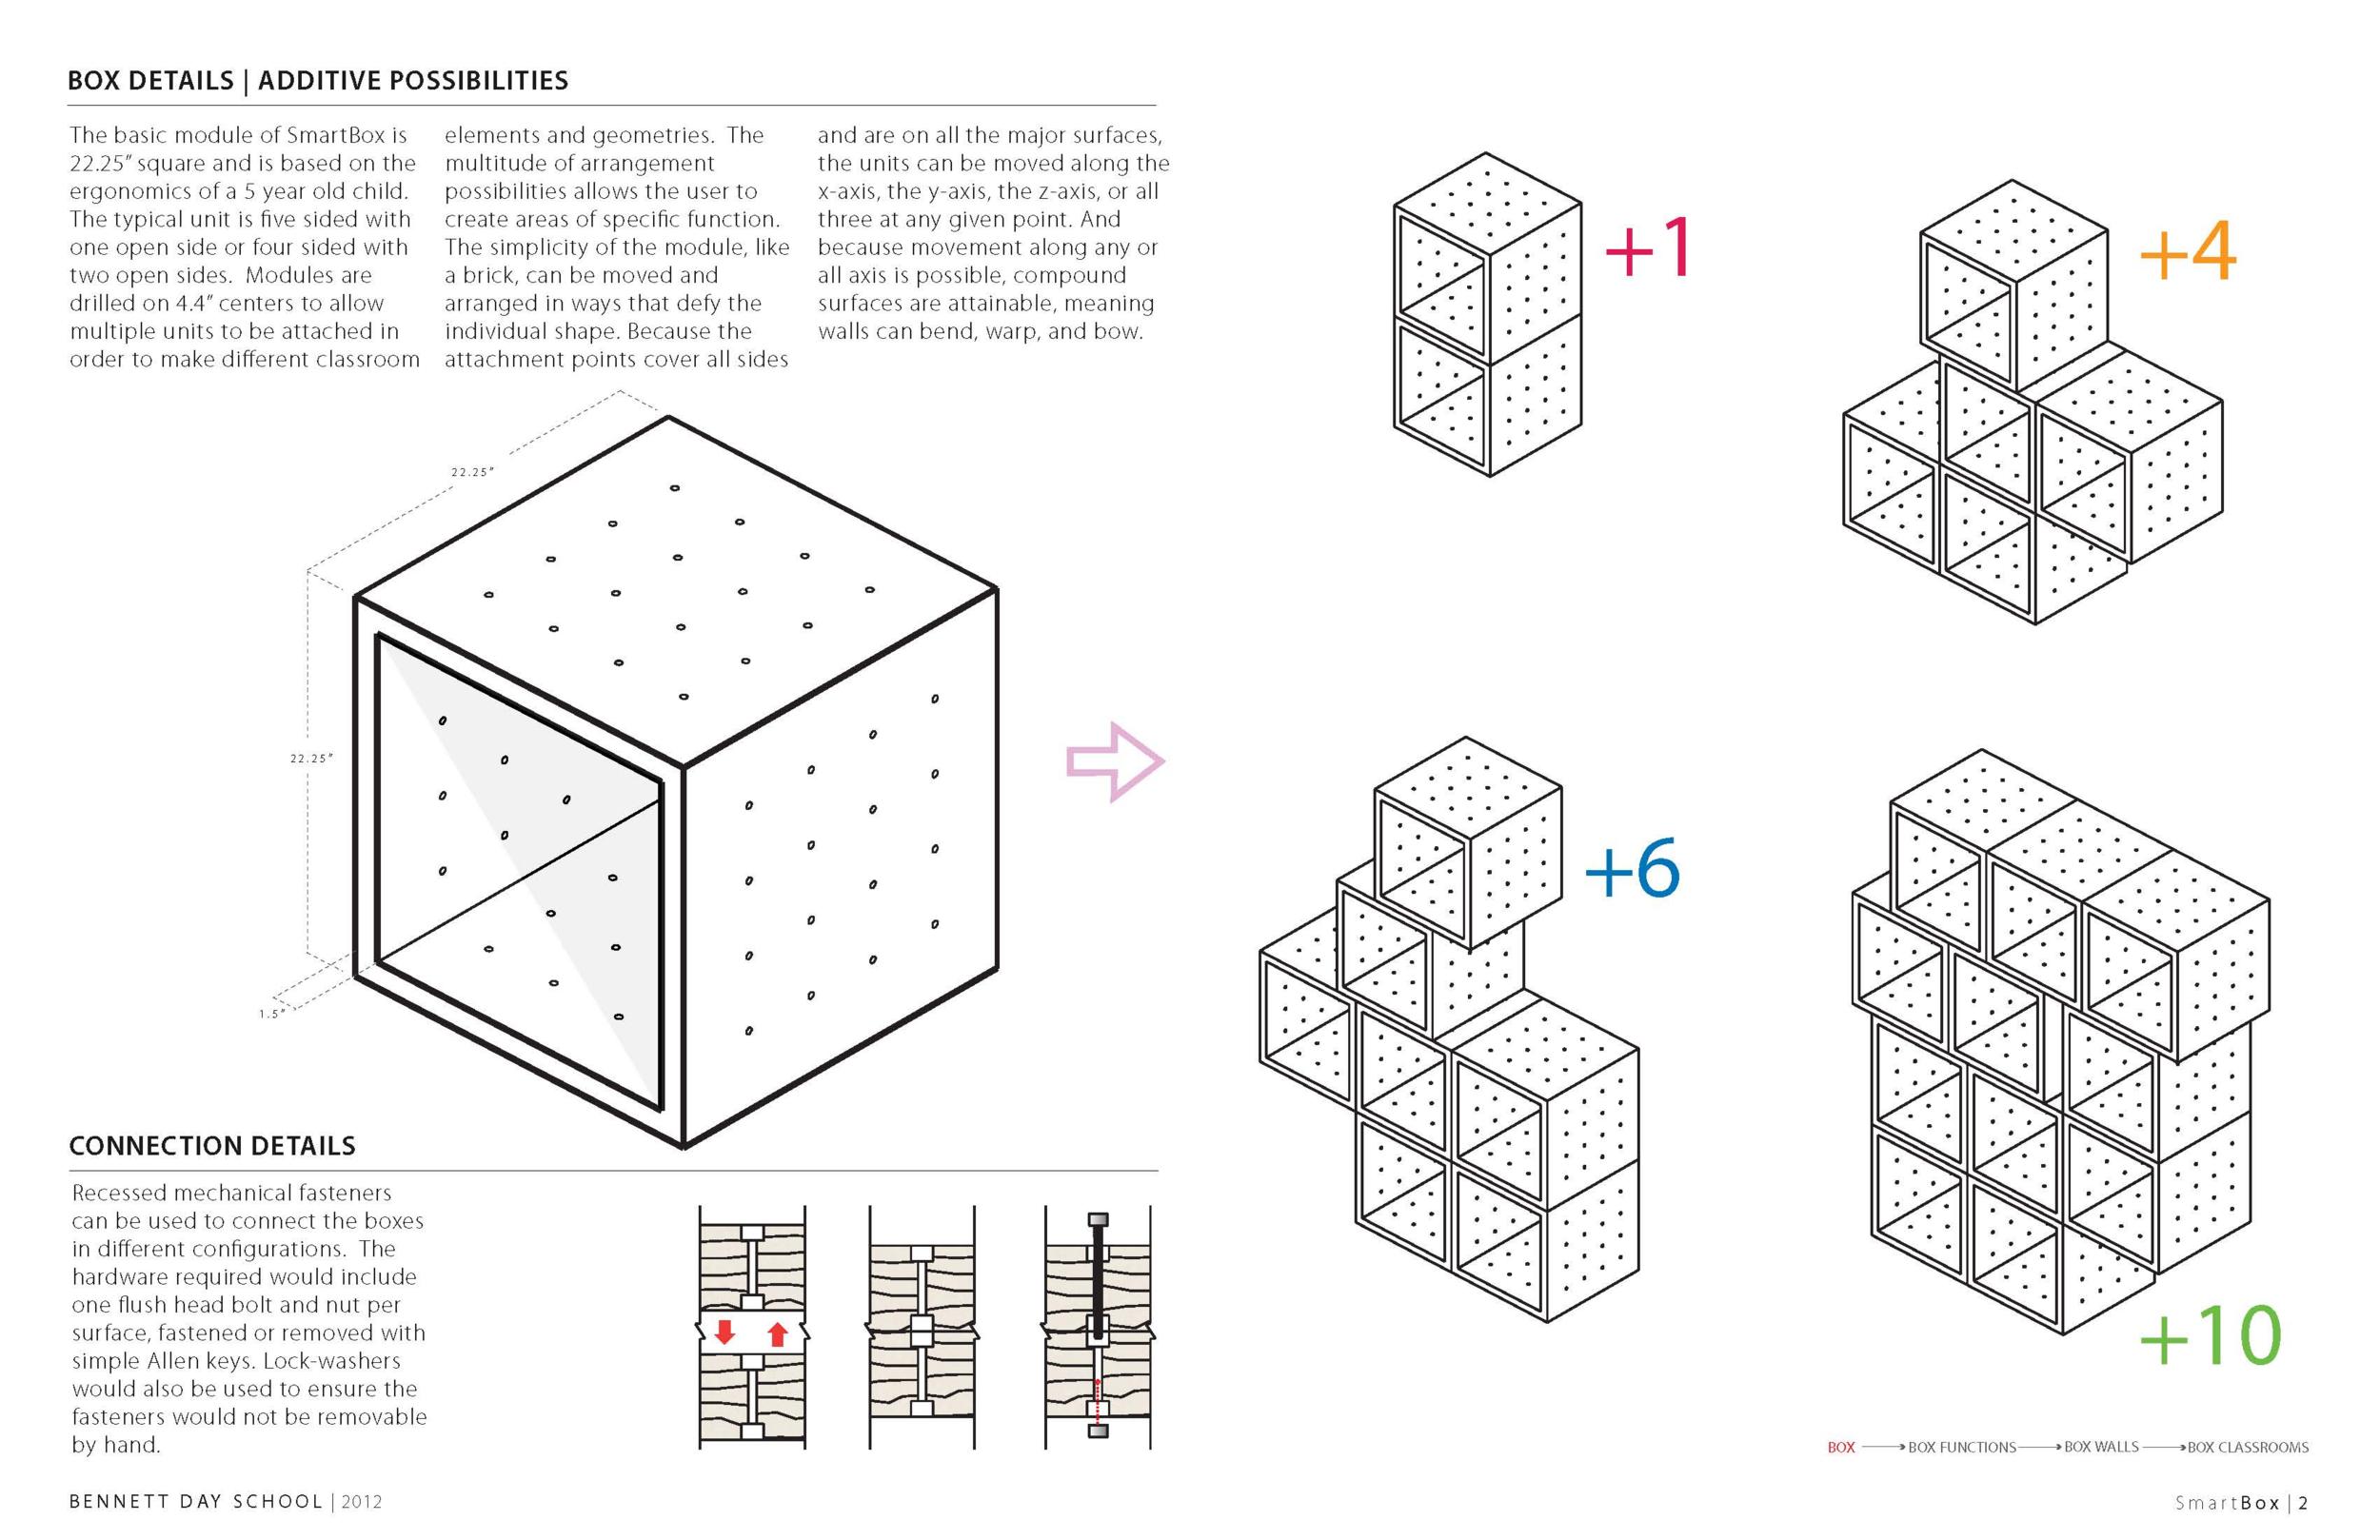 SHT_2_BOX DETAILS.jpg